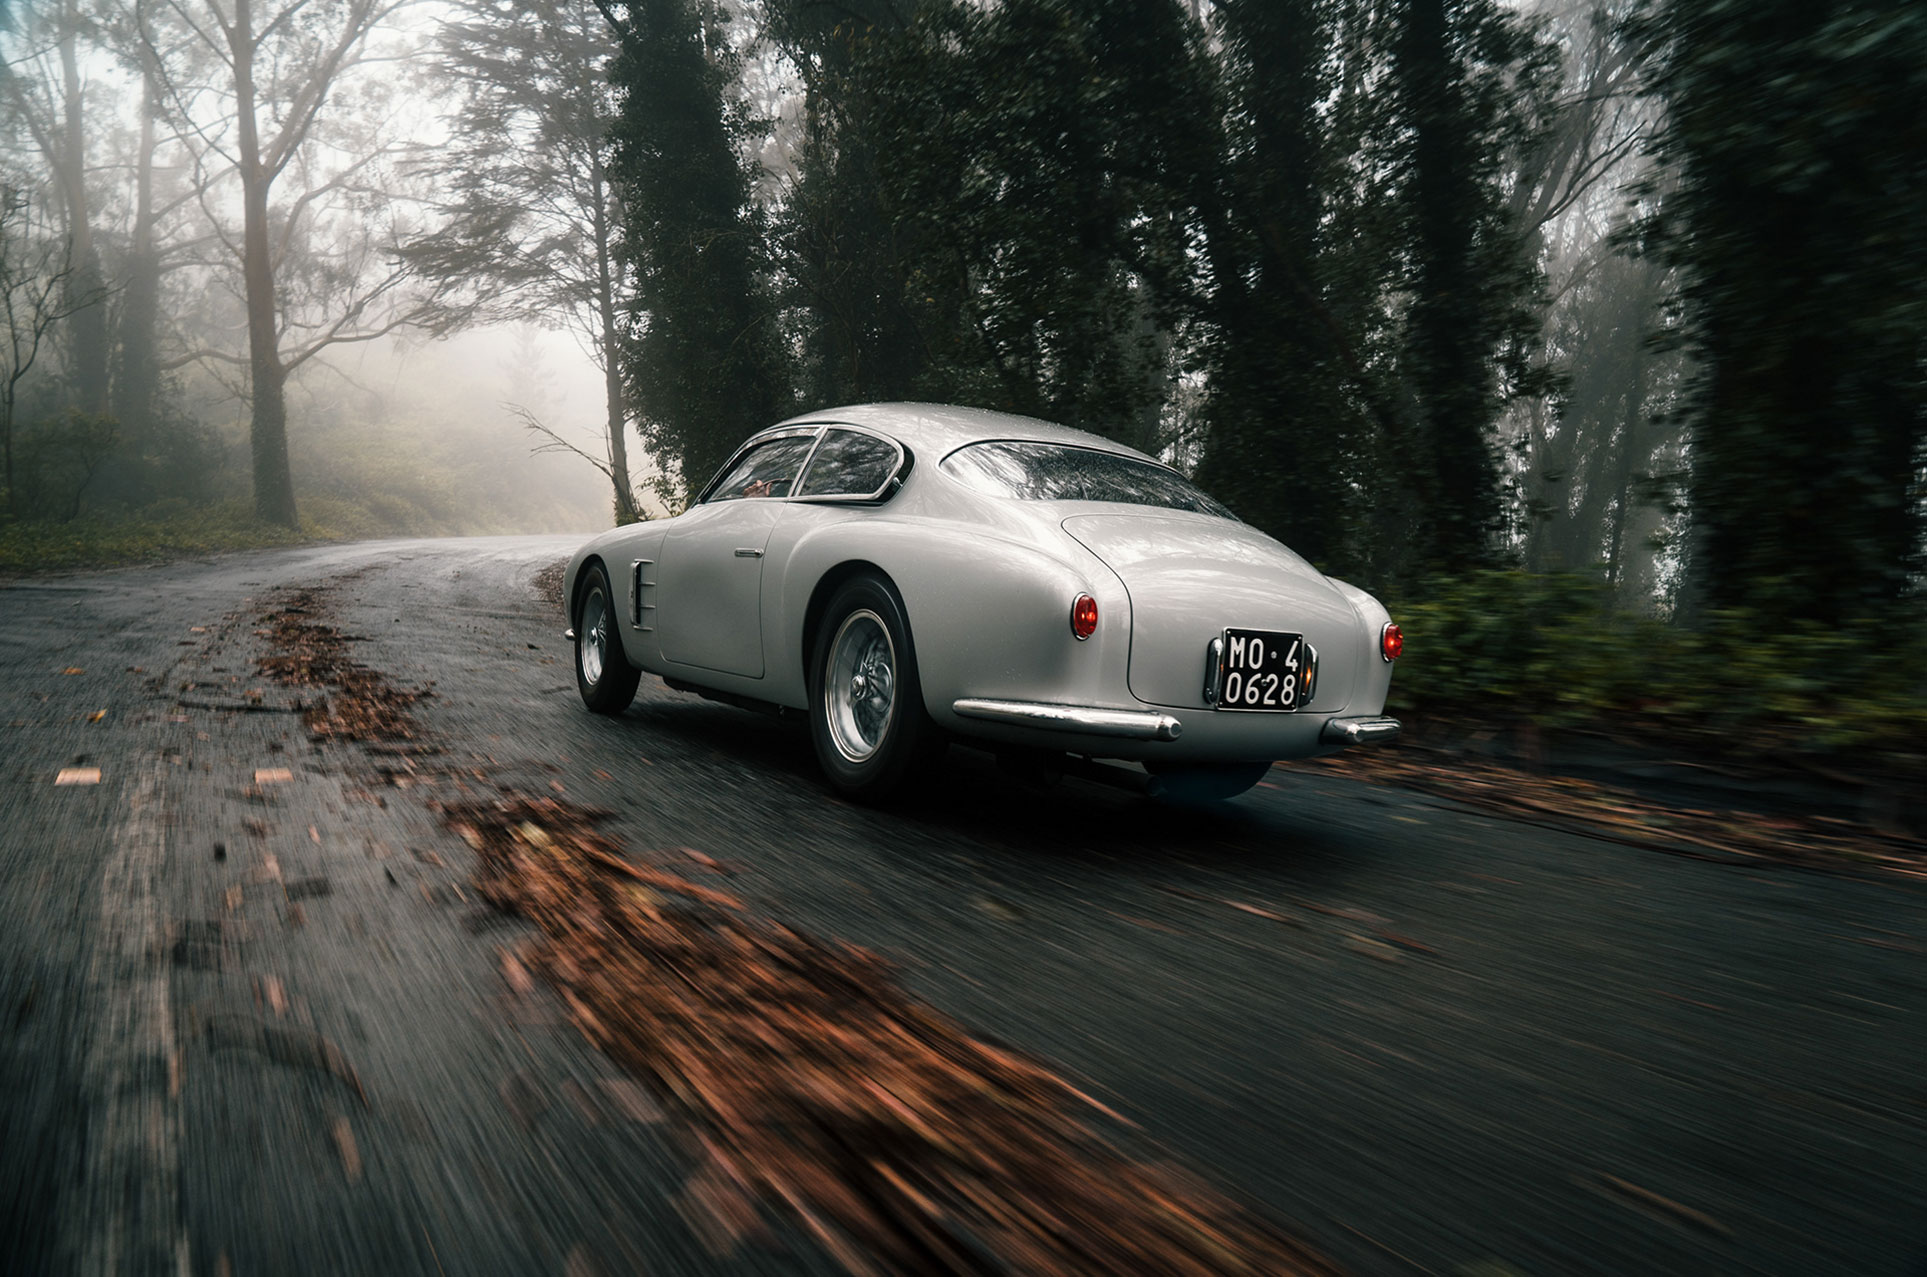 отреставрированный гоночный Maserati A6G 2000 Berlinetta Zagato 1956 года выпуска / фото 18